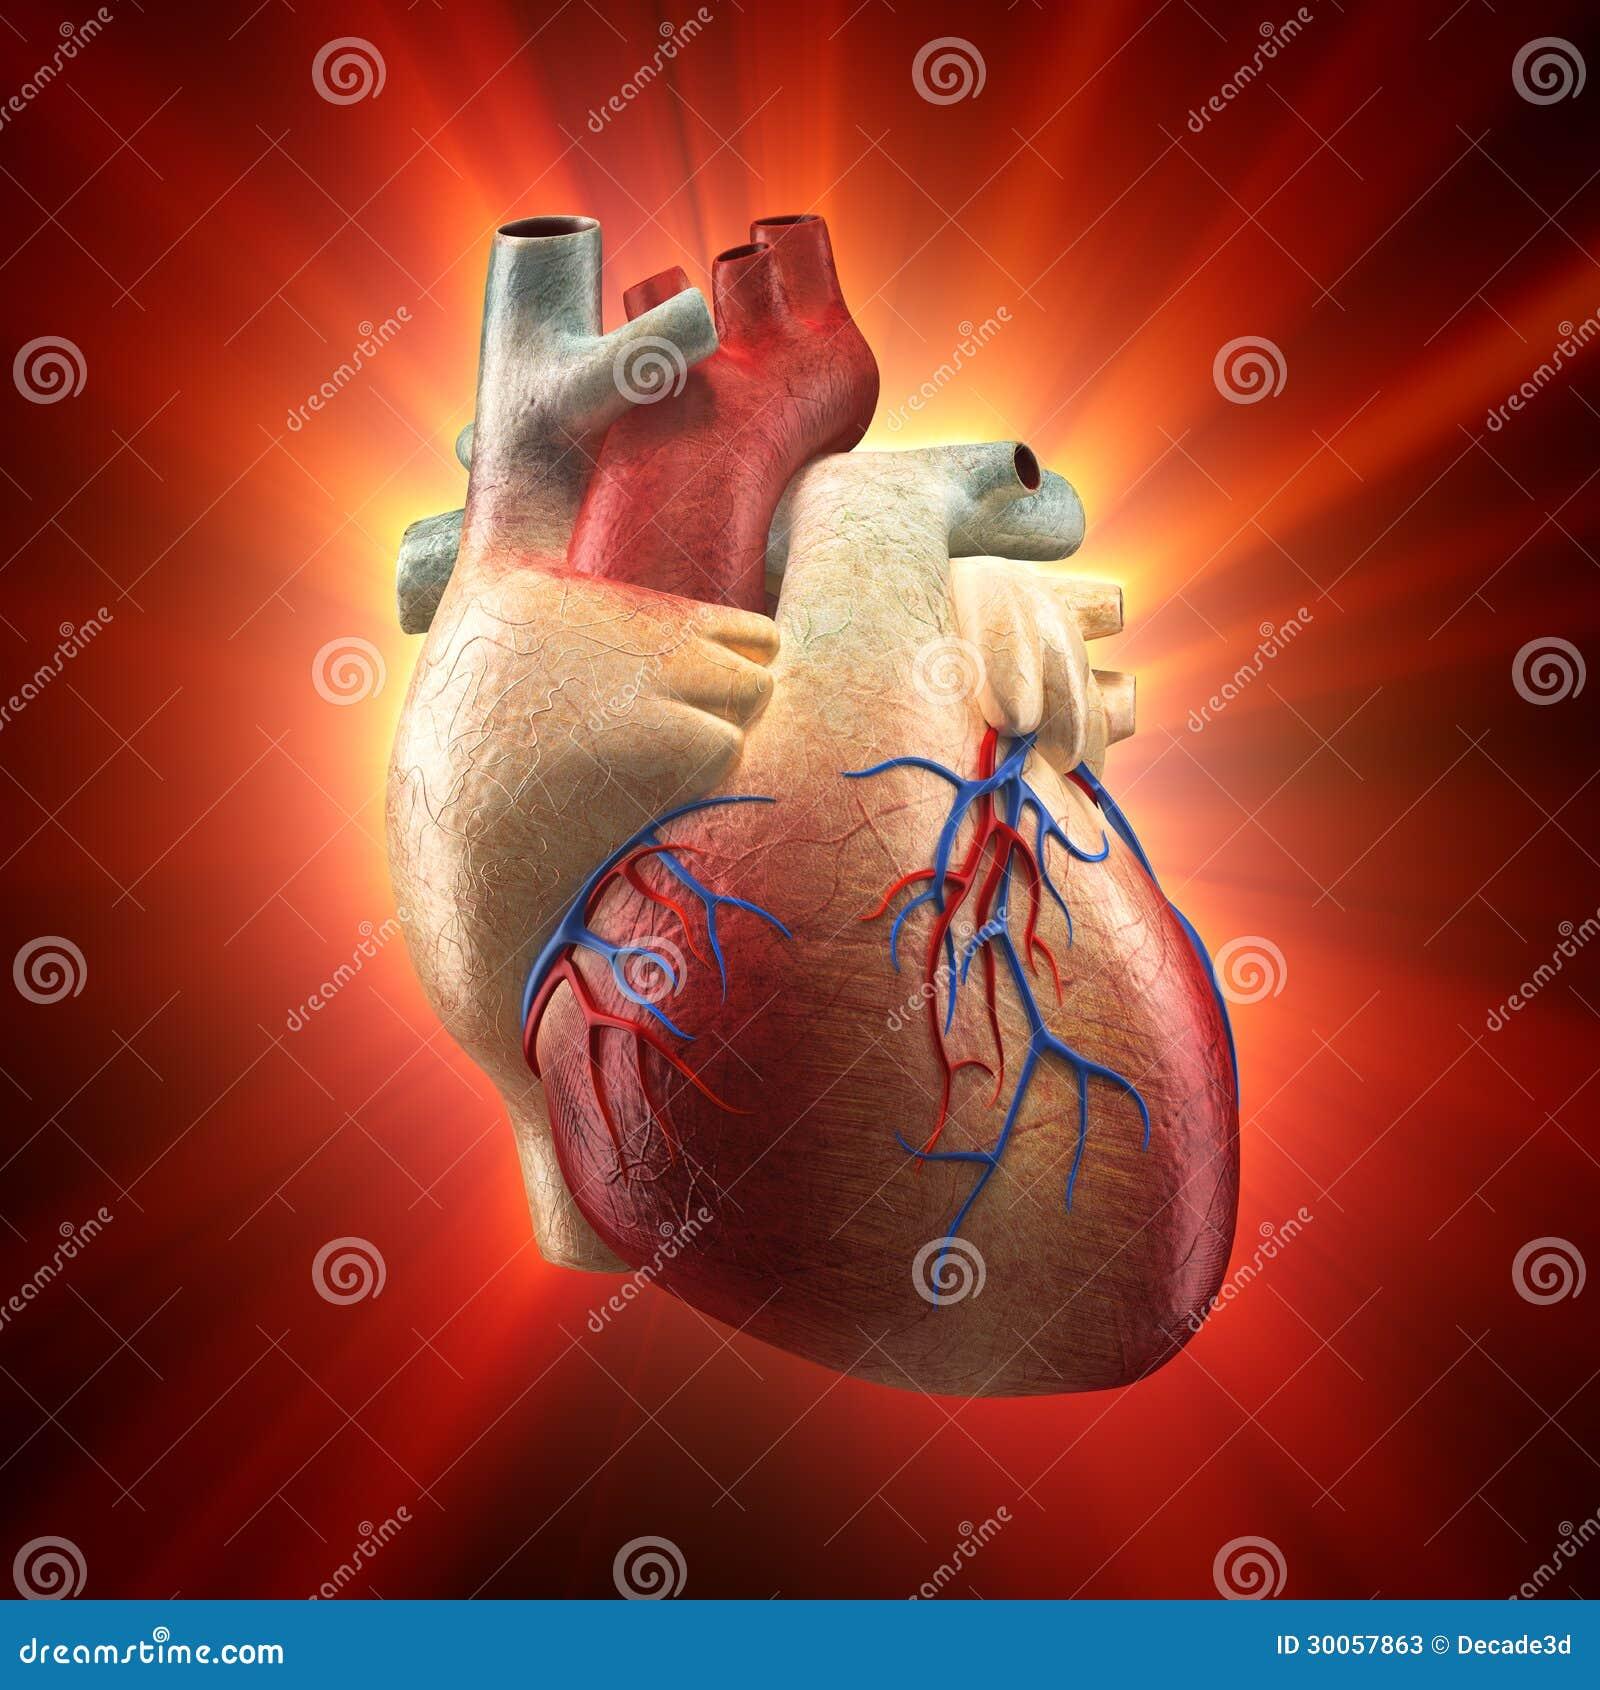 Excepcional Imágenes Reales Del Cuerpo Humano Molde - Anatomía de ...